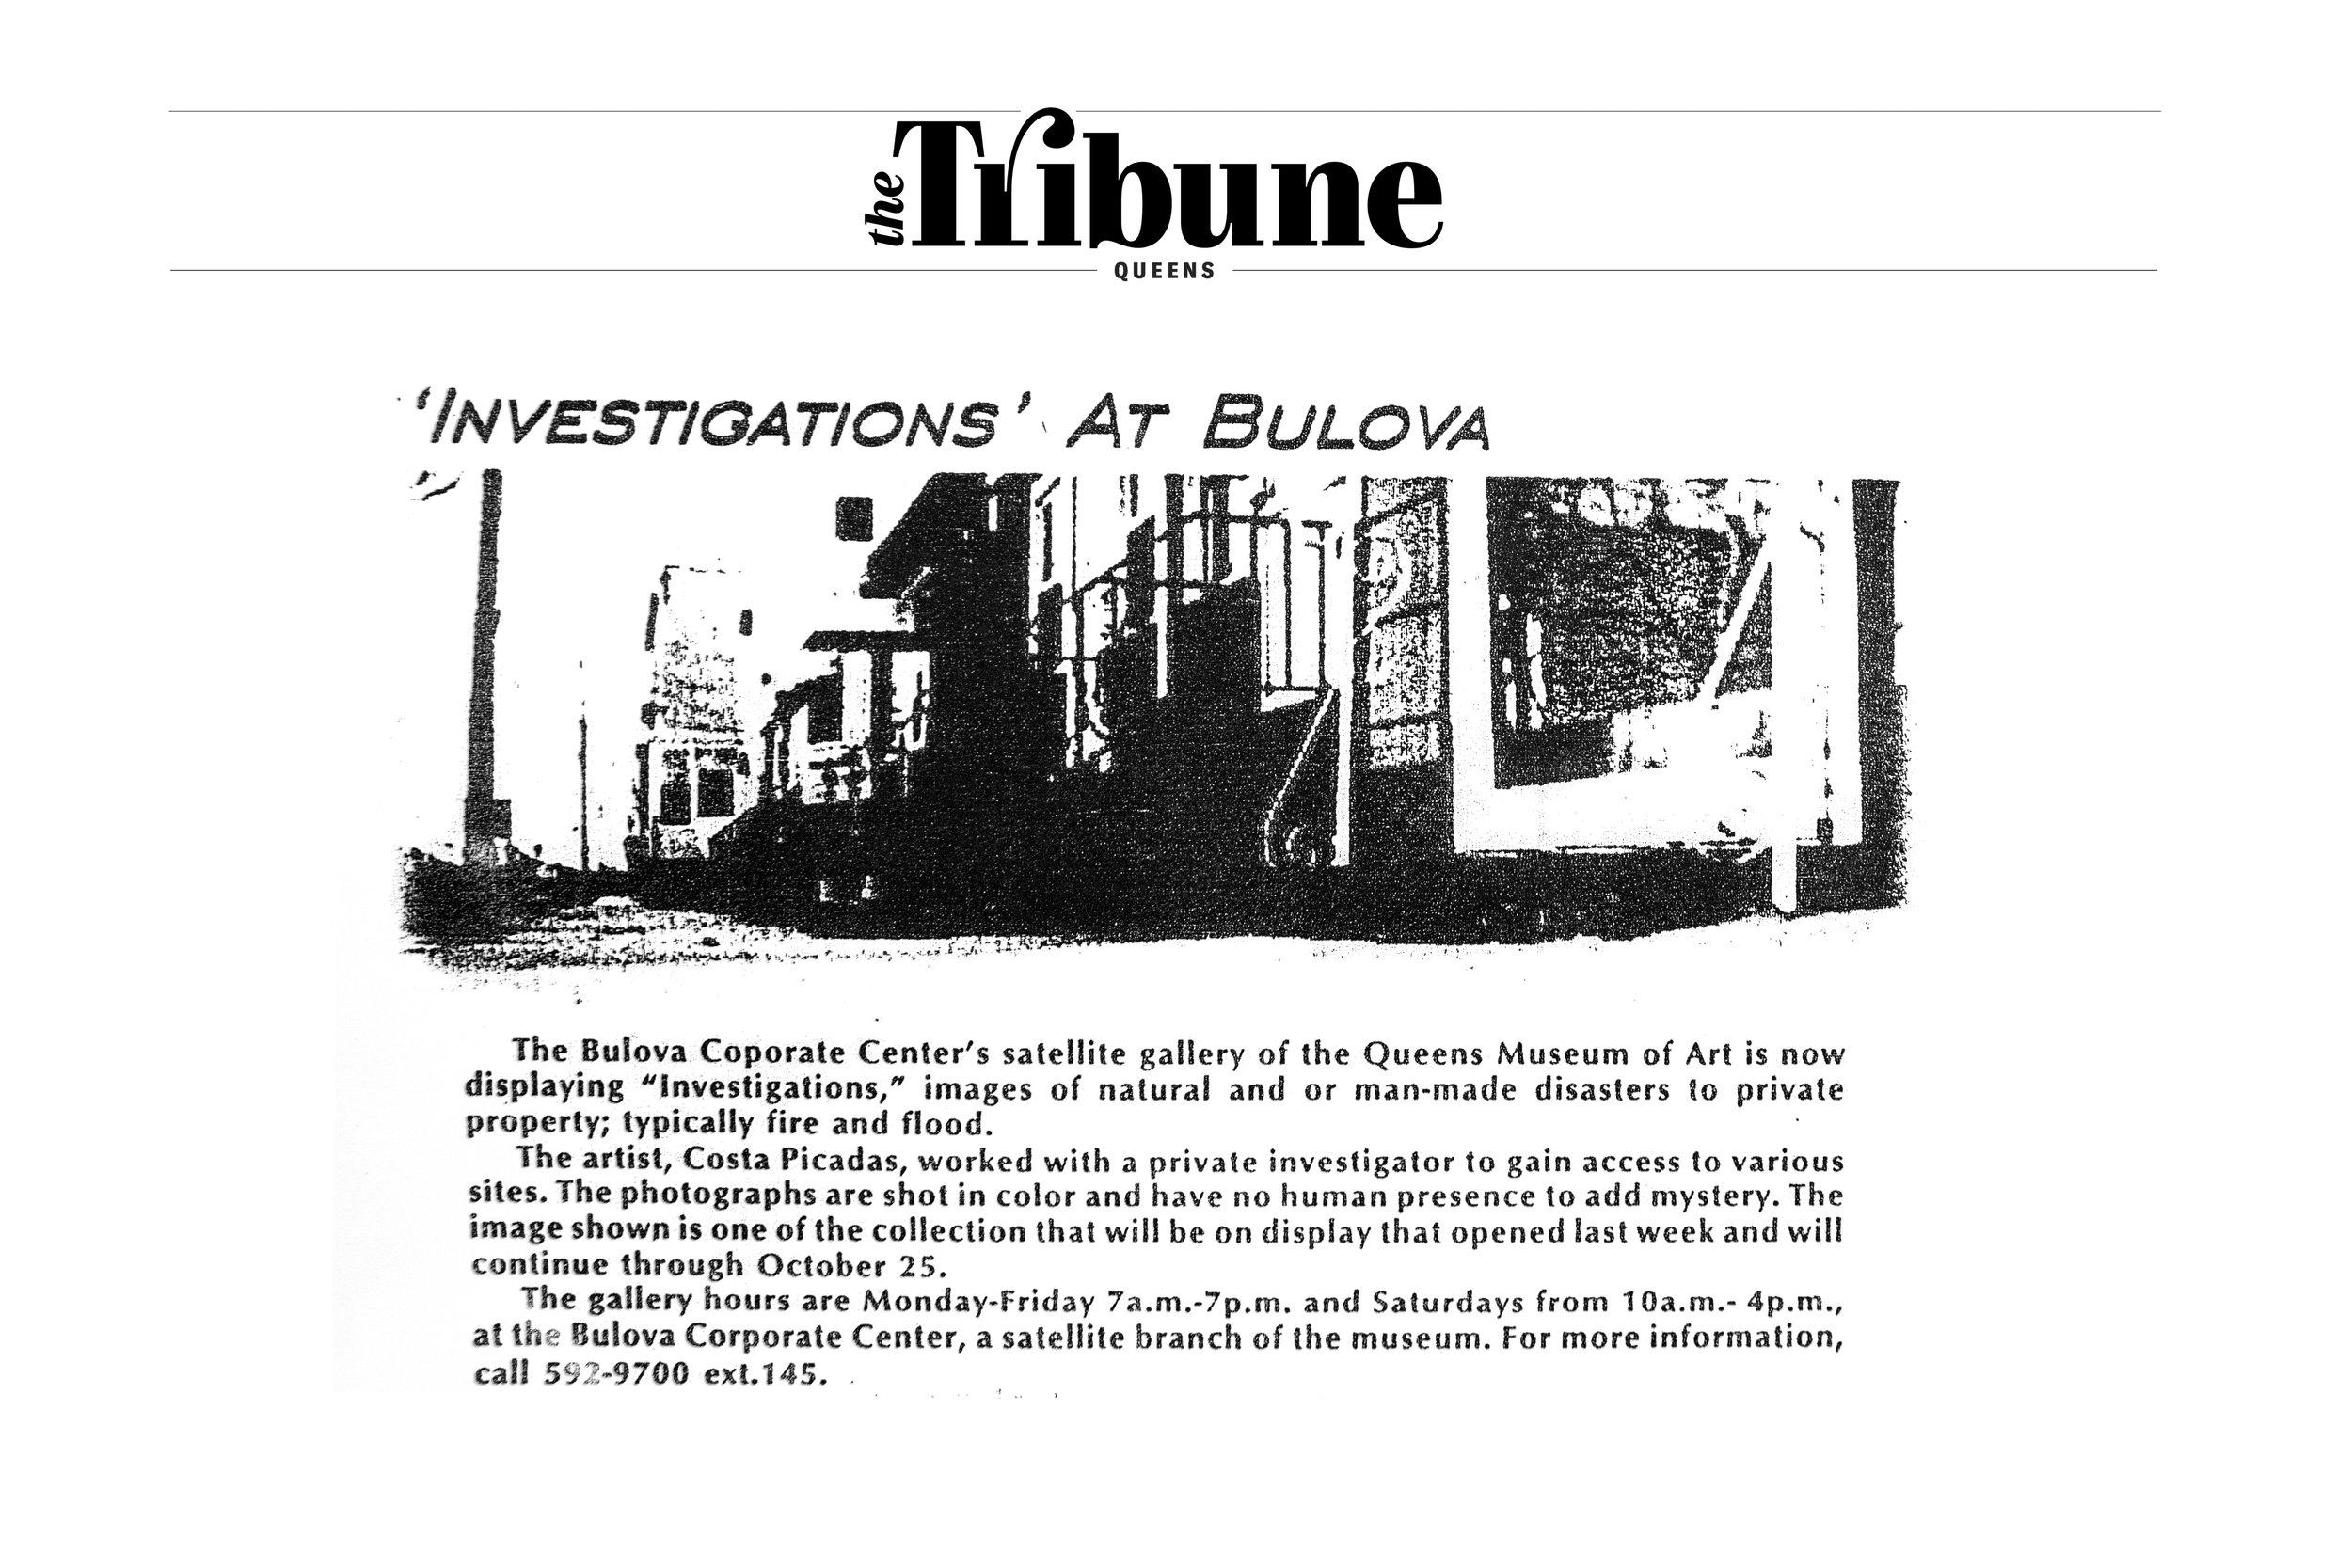 THE TRIBUNE MAGAZINE NY